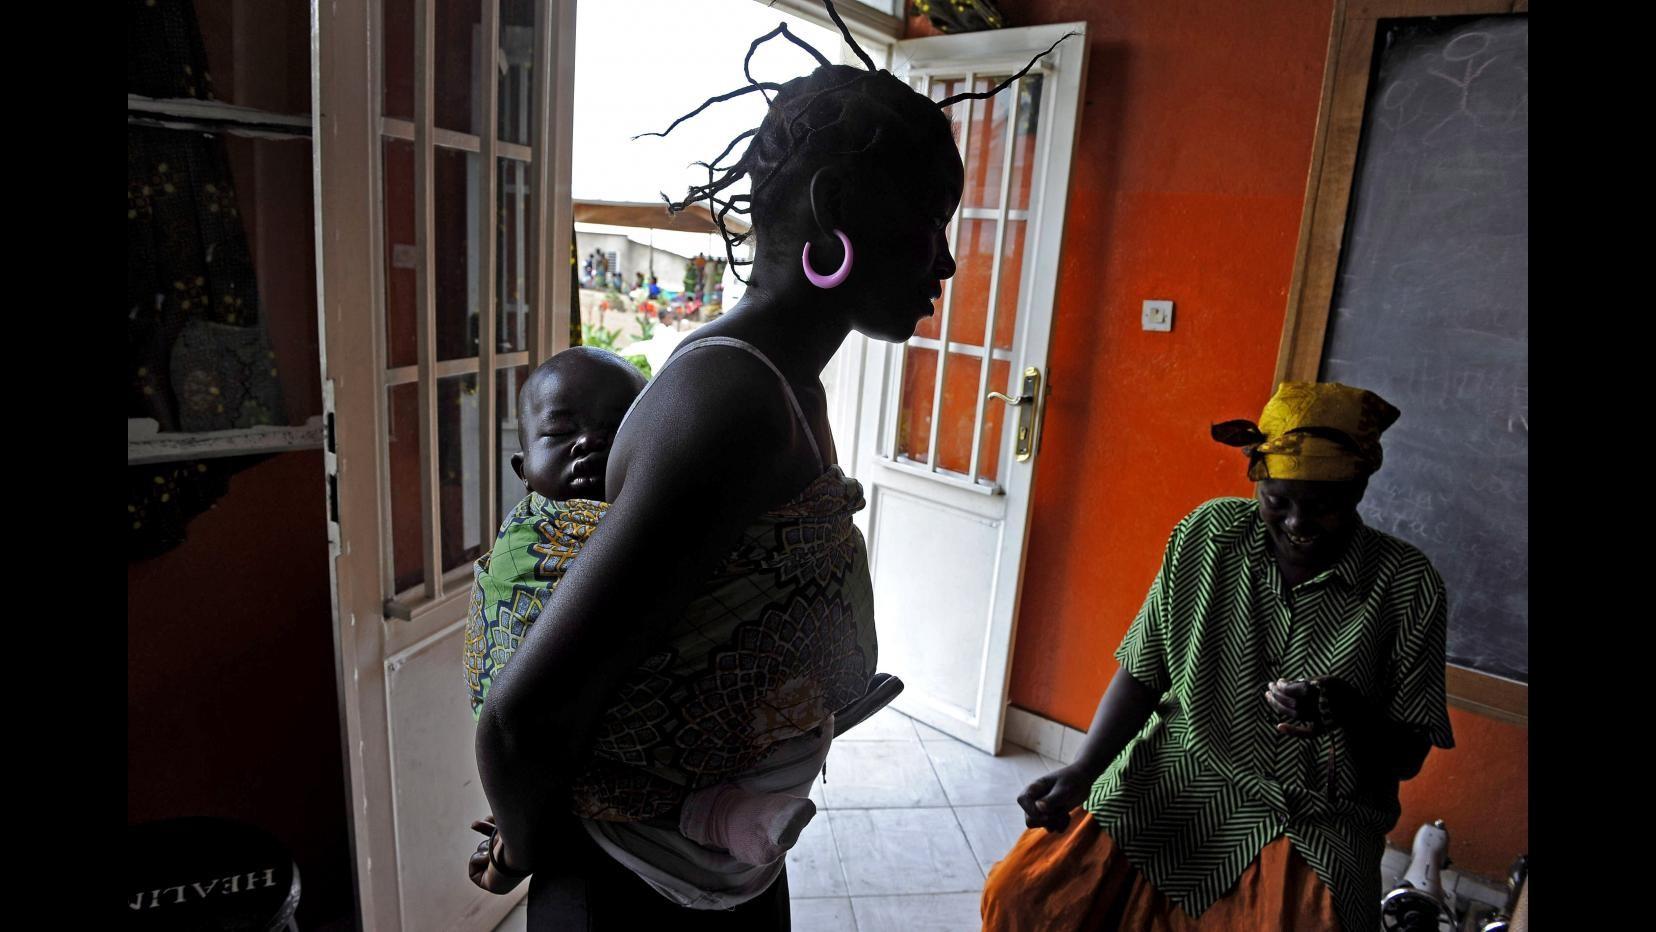 Sierra Leone, scuola vietata a ragazze incinte: esaminate in pubblico